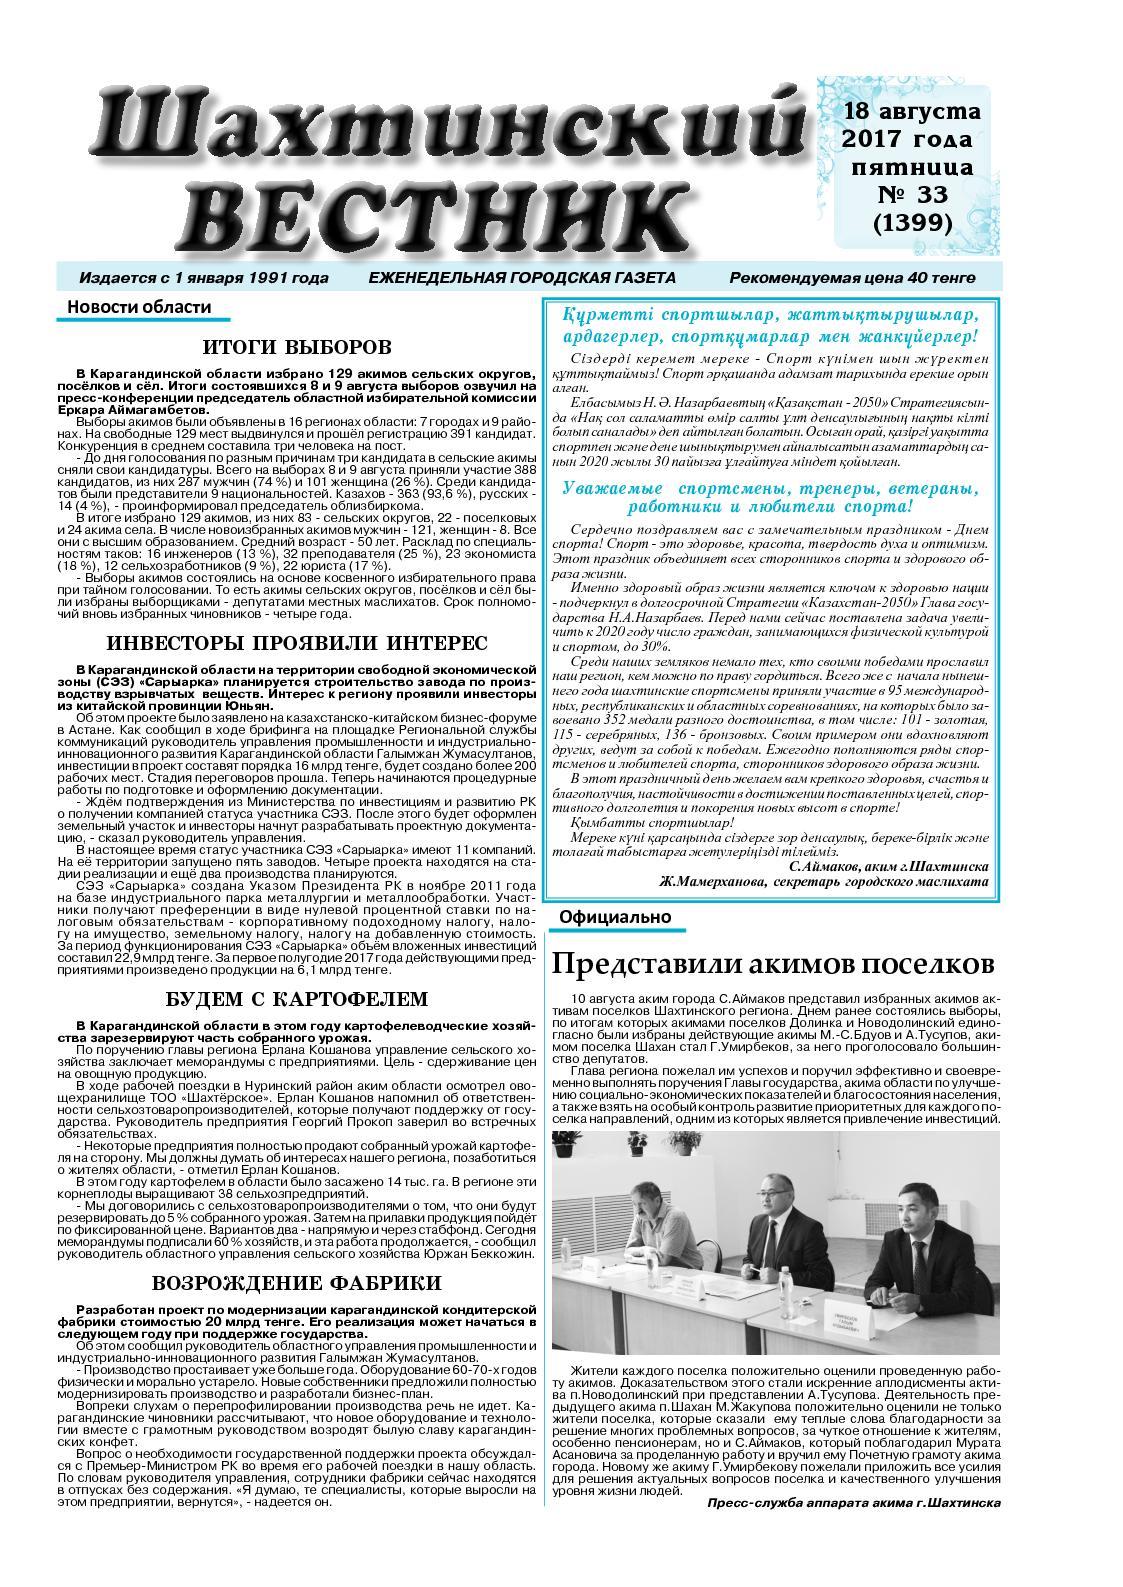 Тюменский легион - Омские ястребы Популярные ставки на